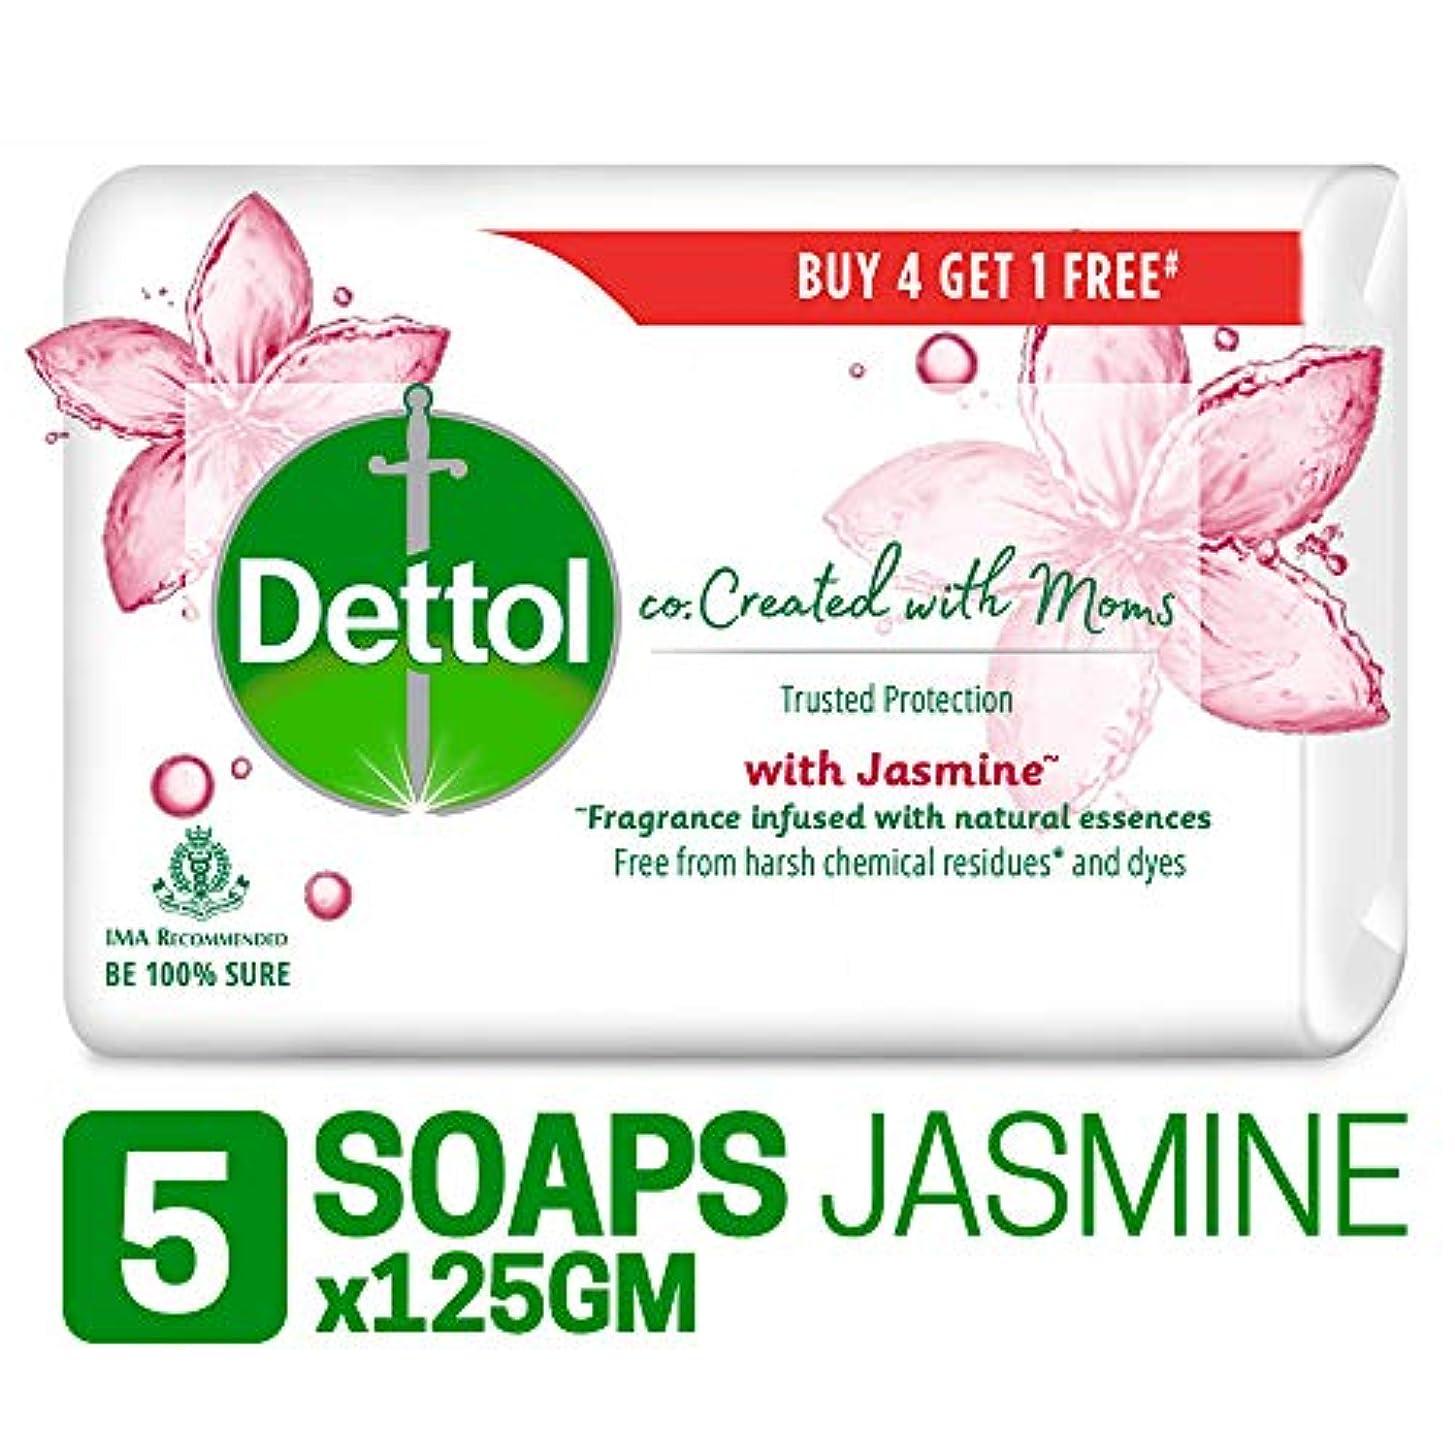 敬礼選択バンDettol Co-created with moms Jasmine Bathing Soap, 125gm (Buy 4 Get 1 Free)